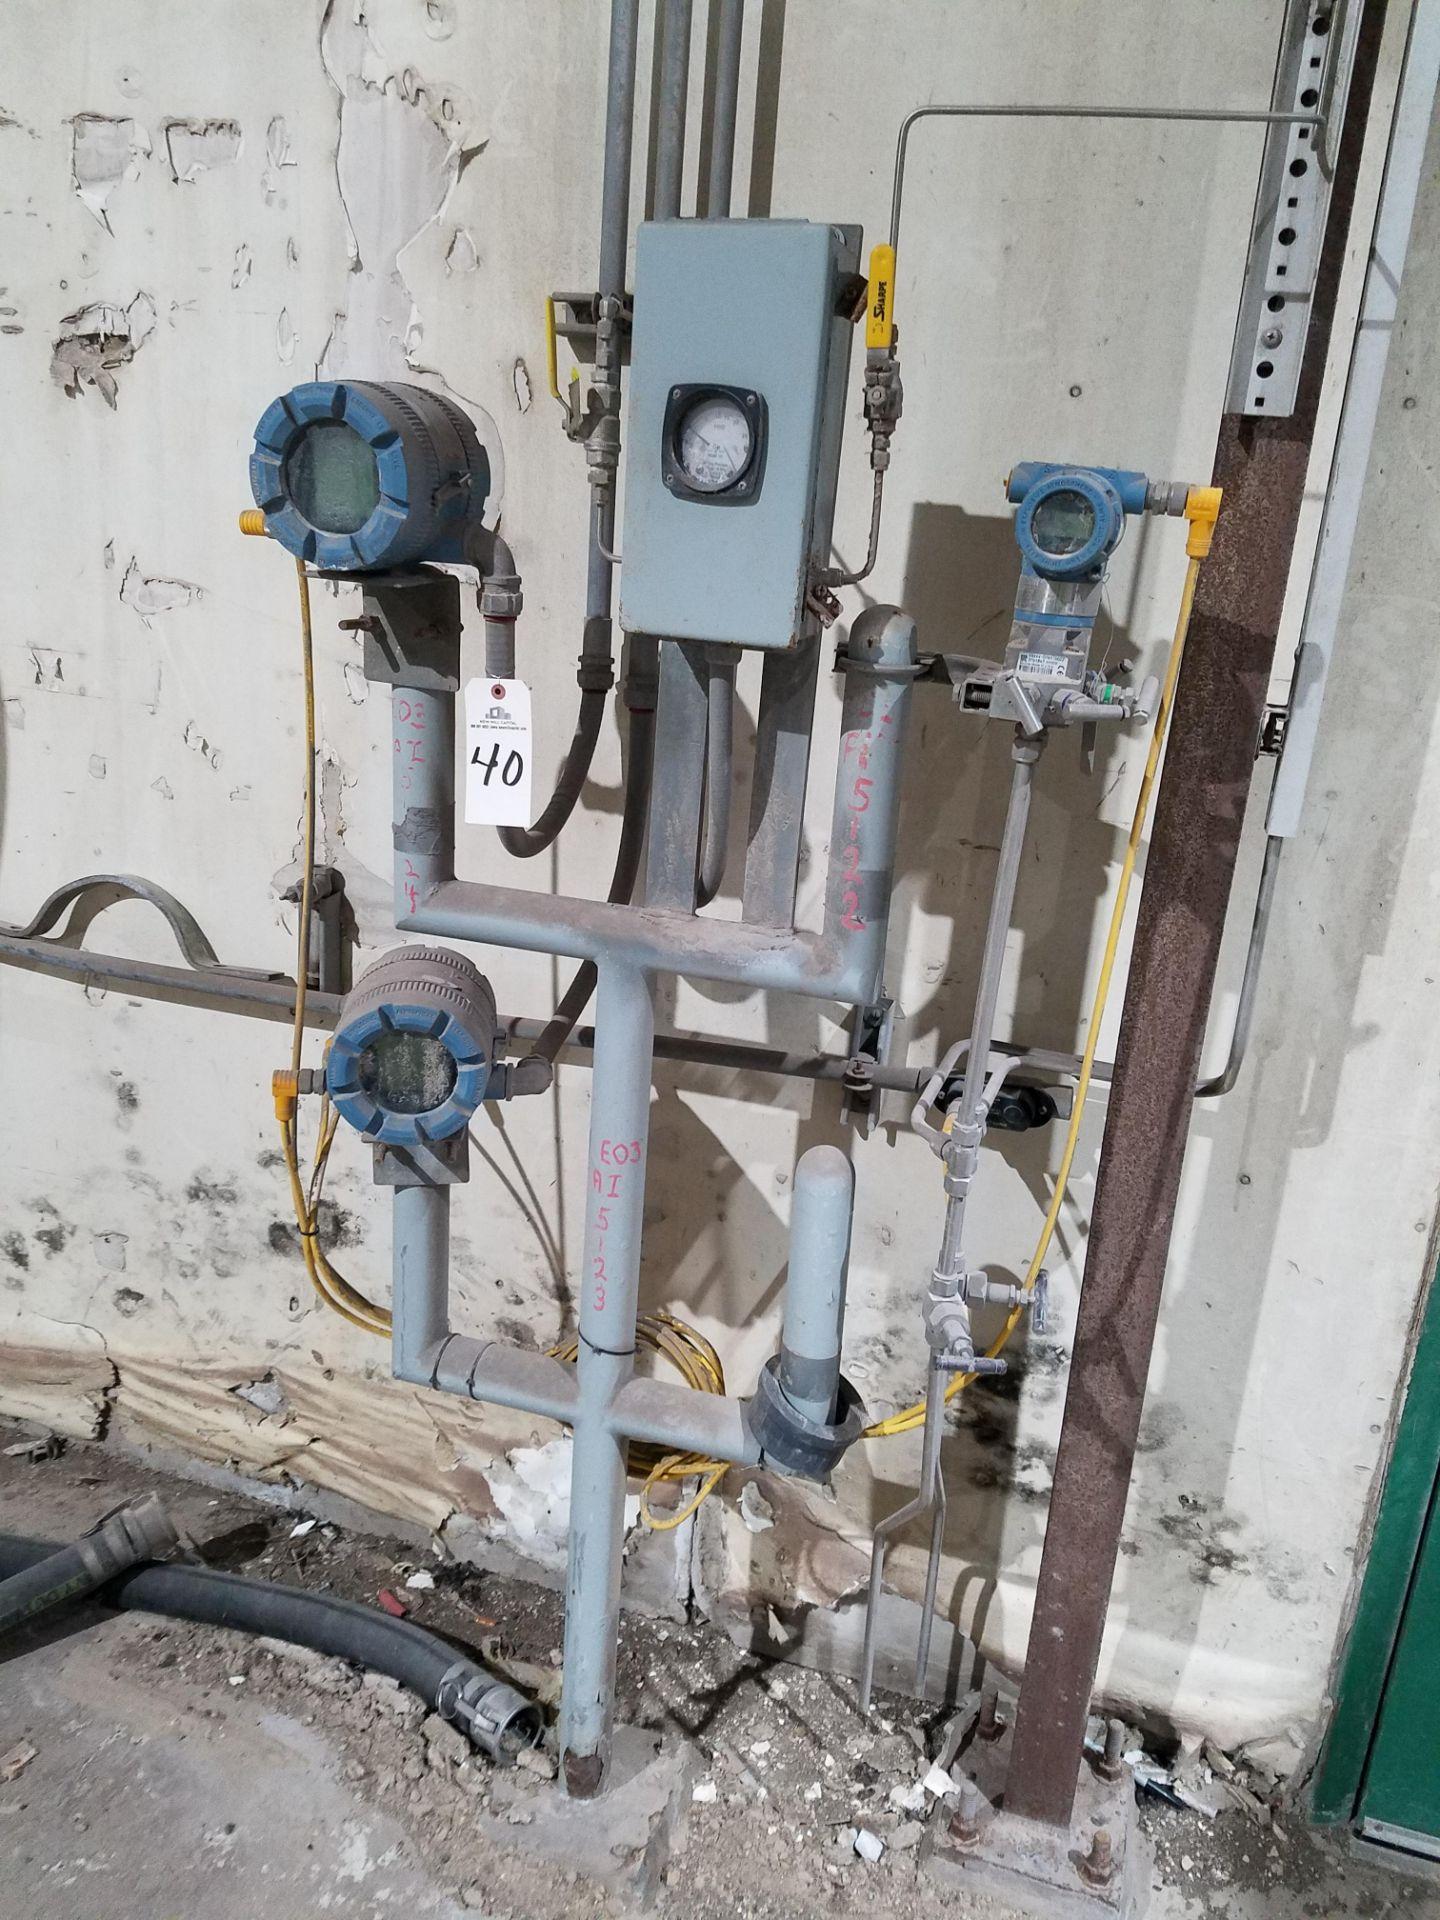 Lot 40 - Lot of Rosemount Pressure Transmitters | Rig Fee: $100